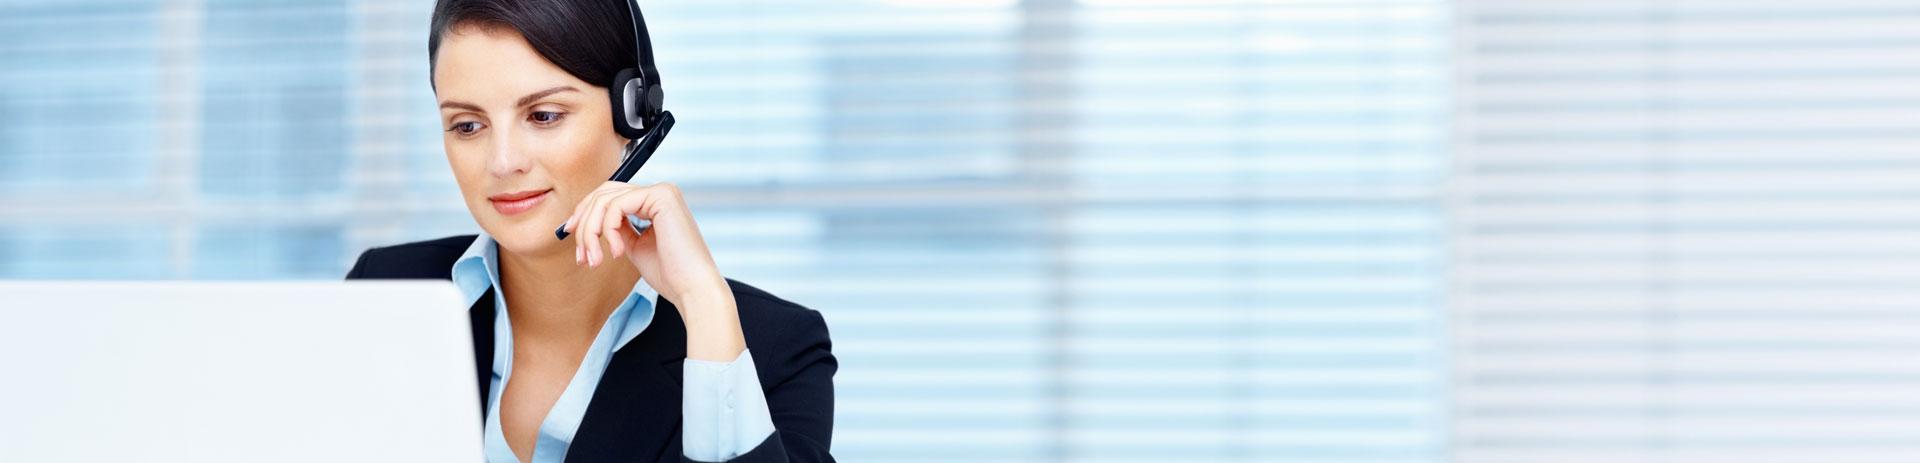 Businessfrau mit Headset telefoniert vor einem Notebook